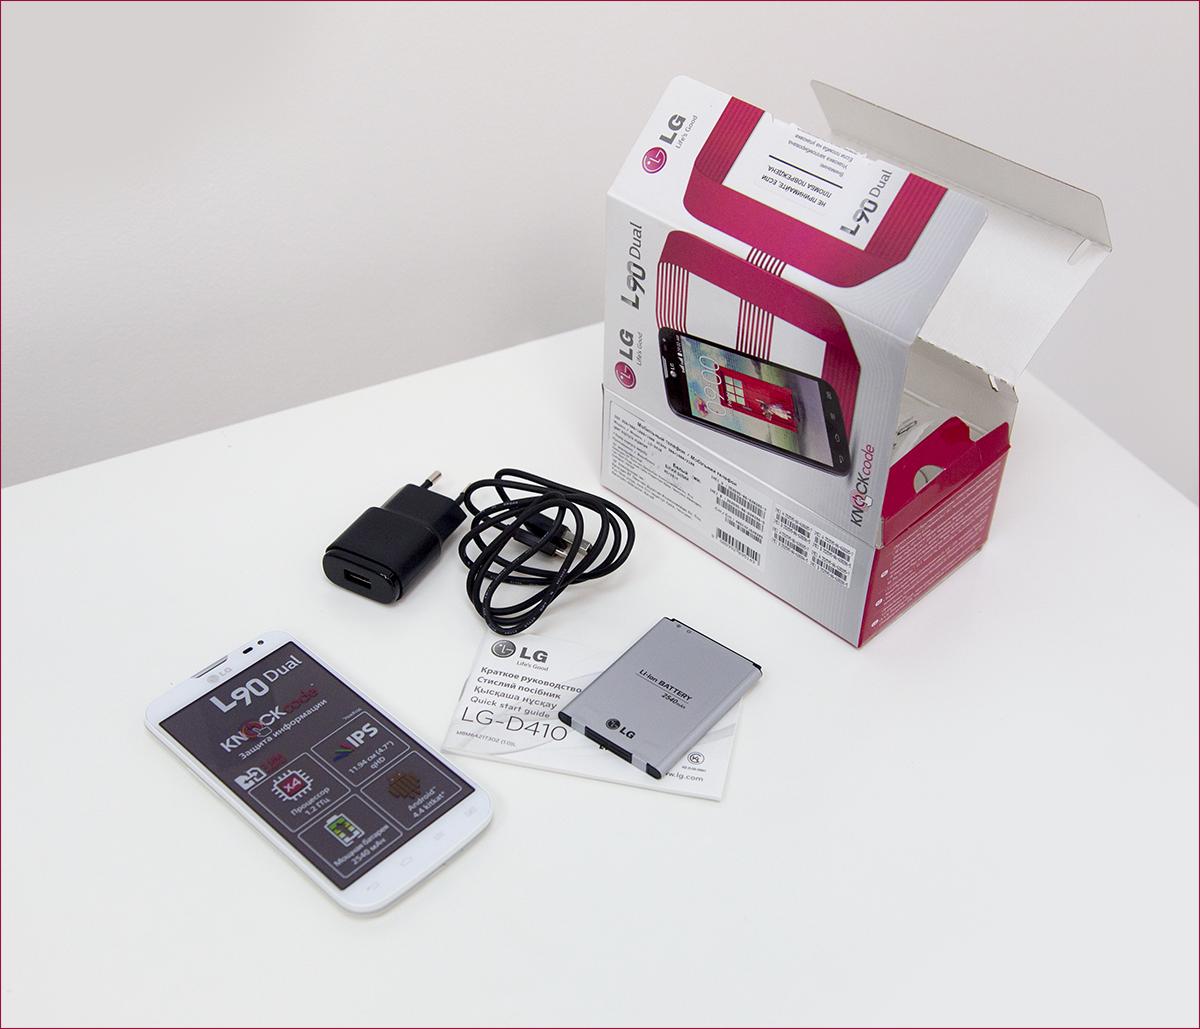 смартфон htc desire u dual sim расширенная инструкция пользователя